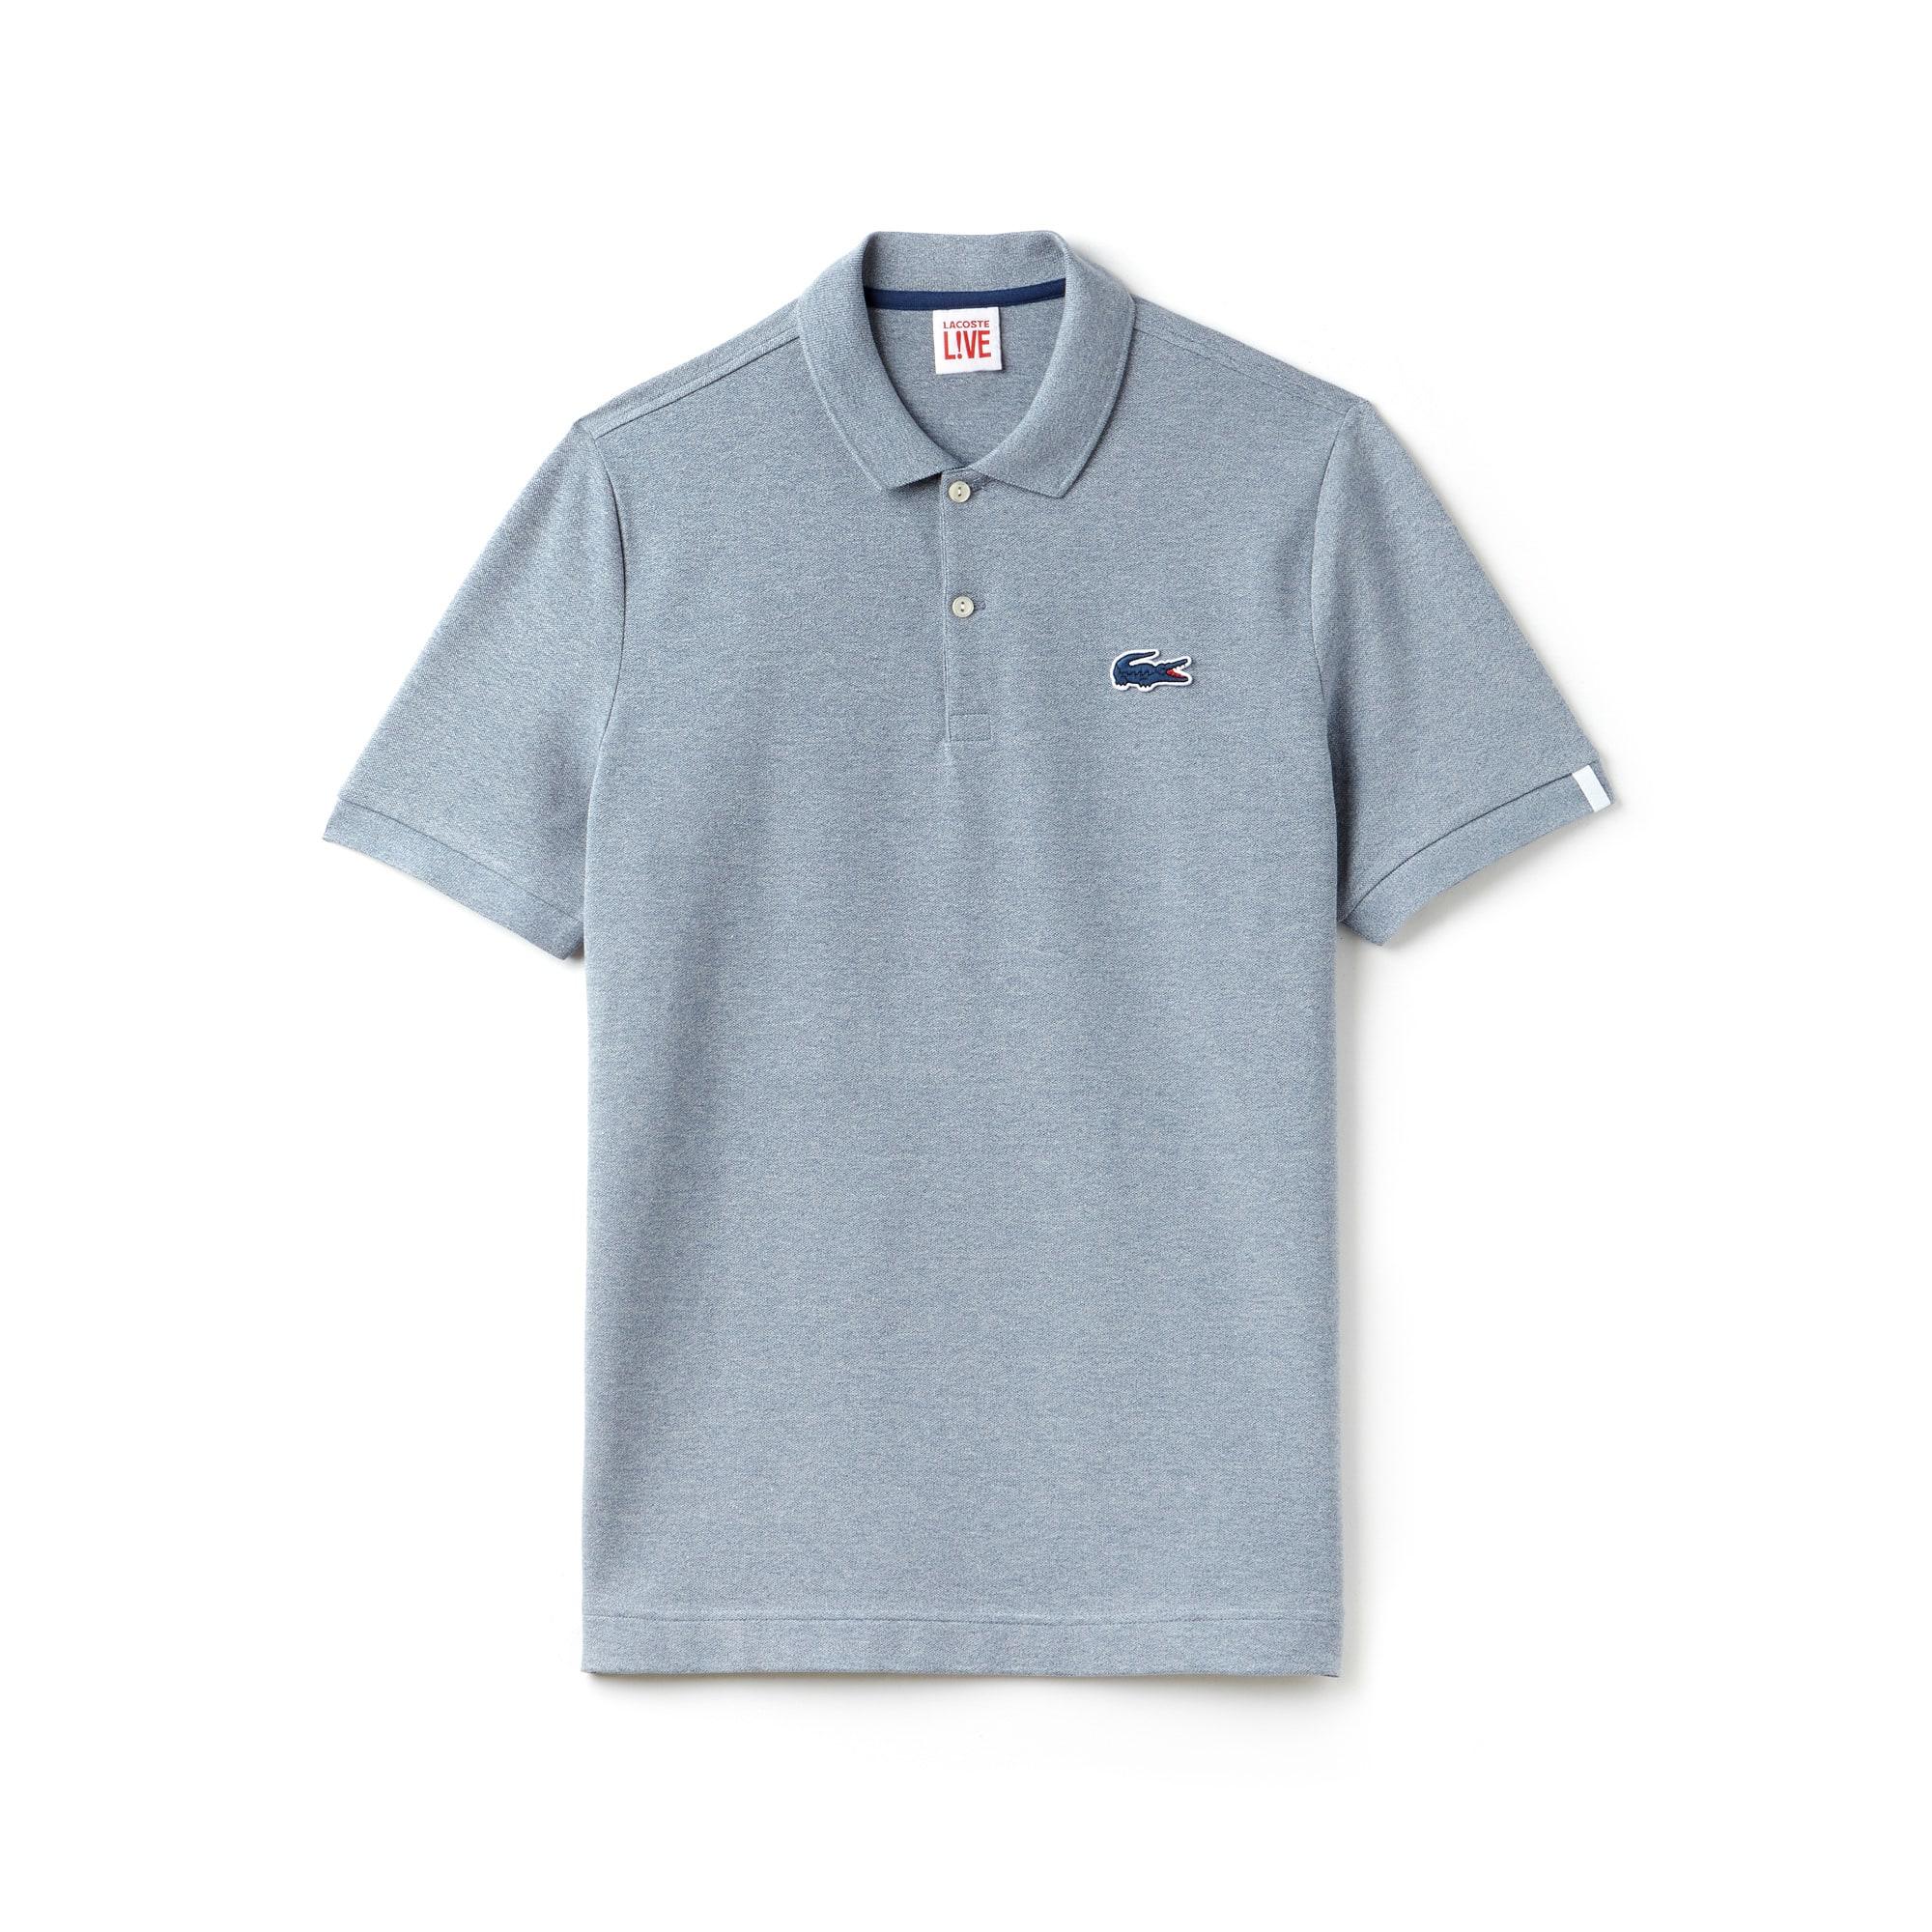 Men's Lacoste LIVE Slim Fit Stretch Mini Piqué Polo